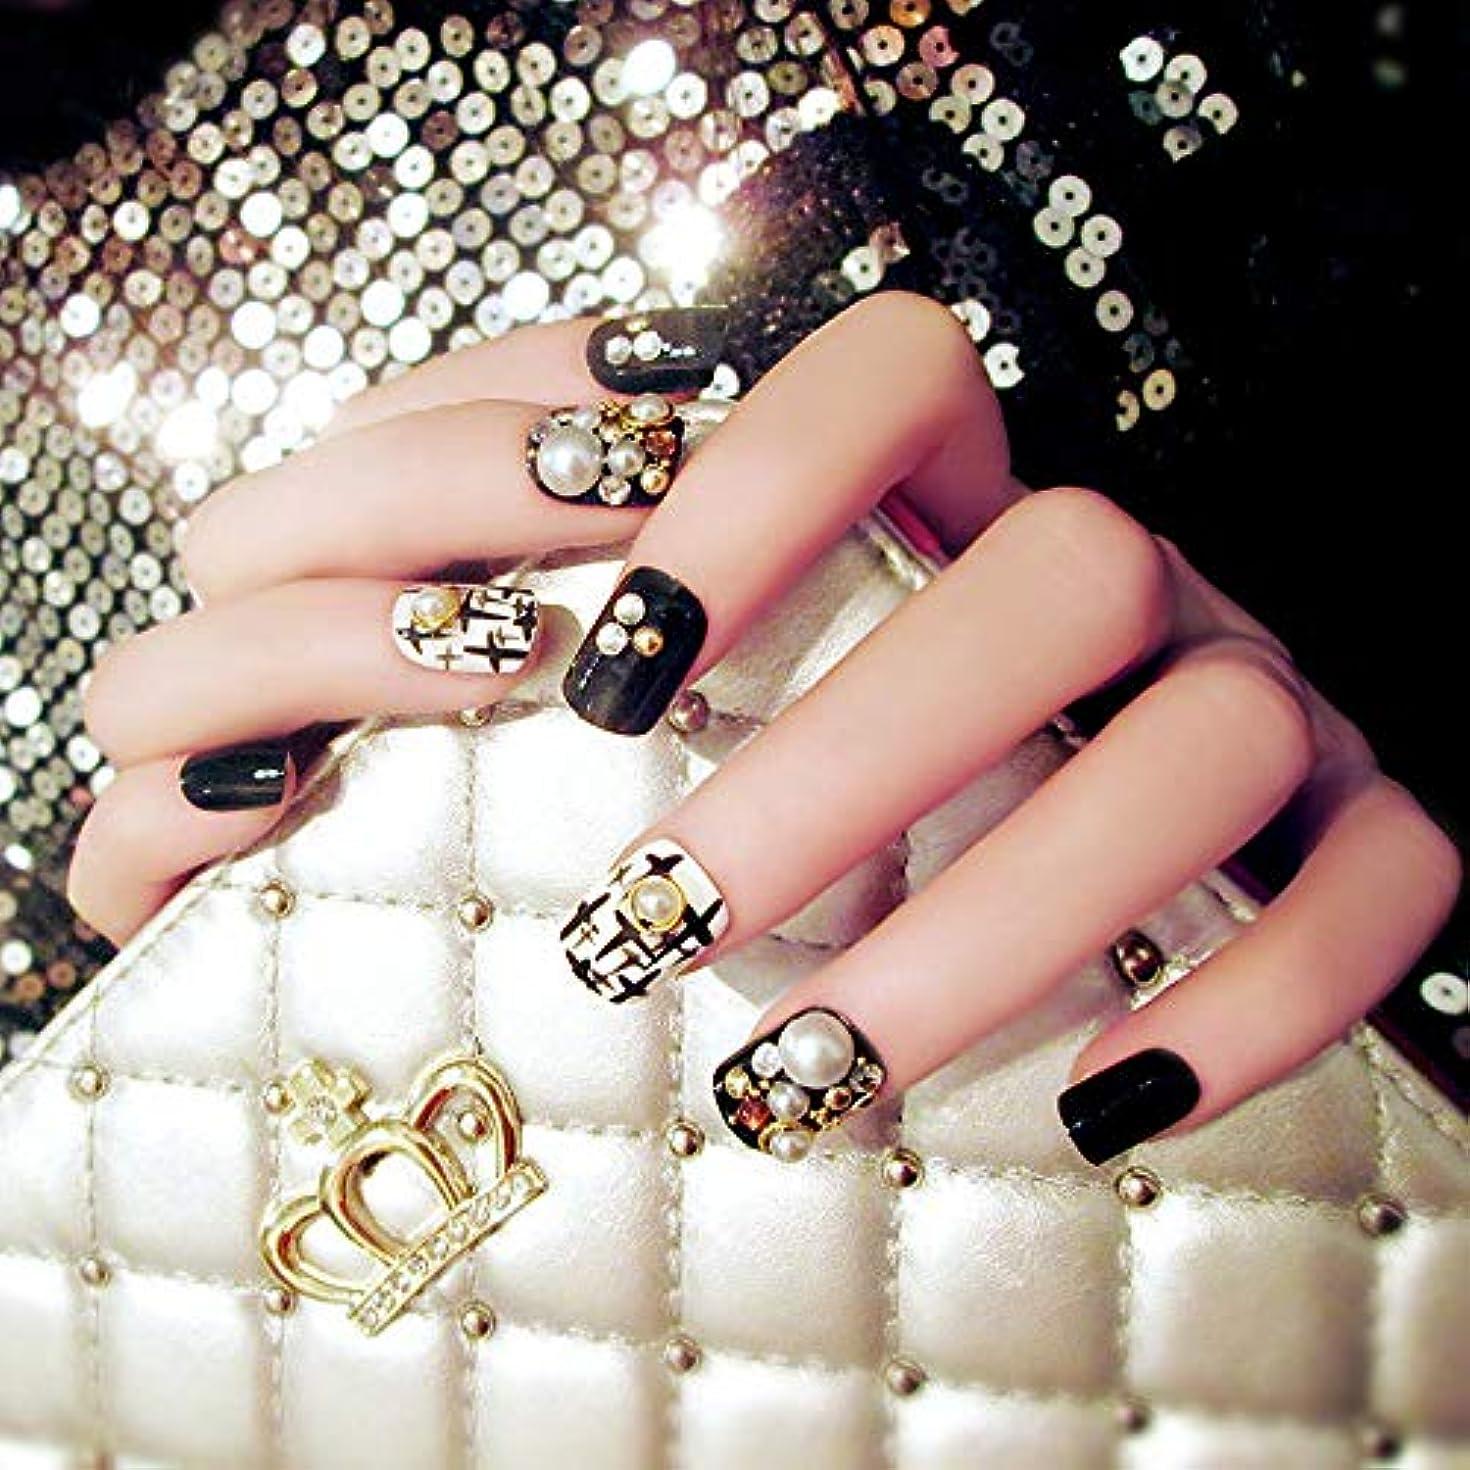 テレマコス好み抵抗力がある24本の高品質の美しい偽の黒い爪白真珠のデザイン偽の爪のヒントは偽の爪をカバー